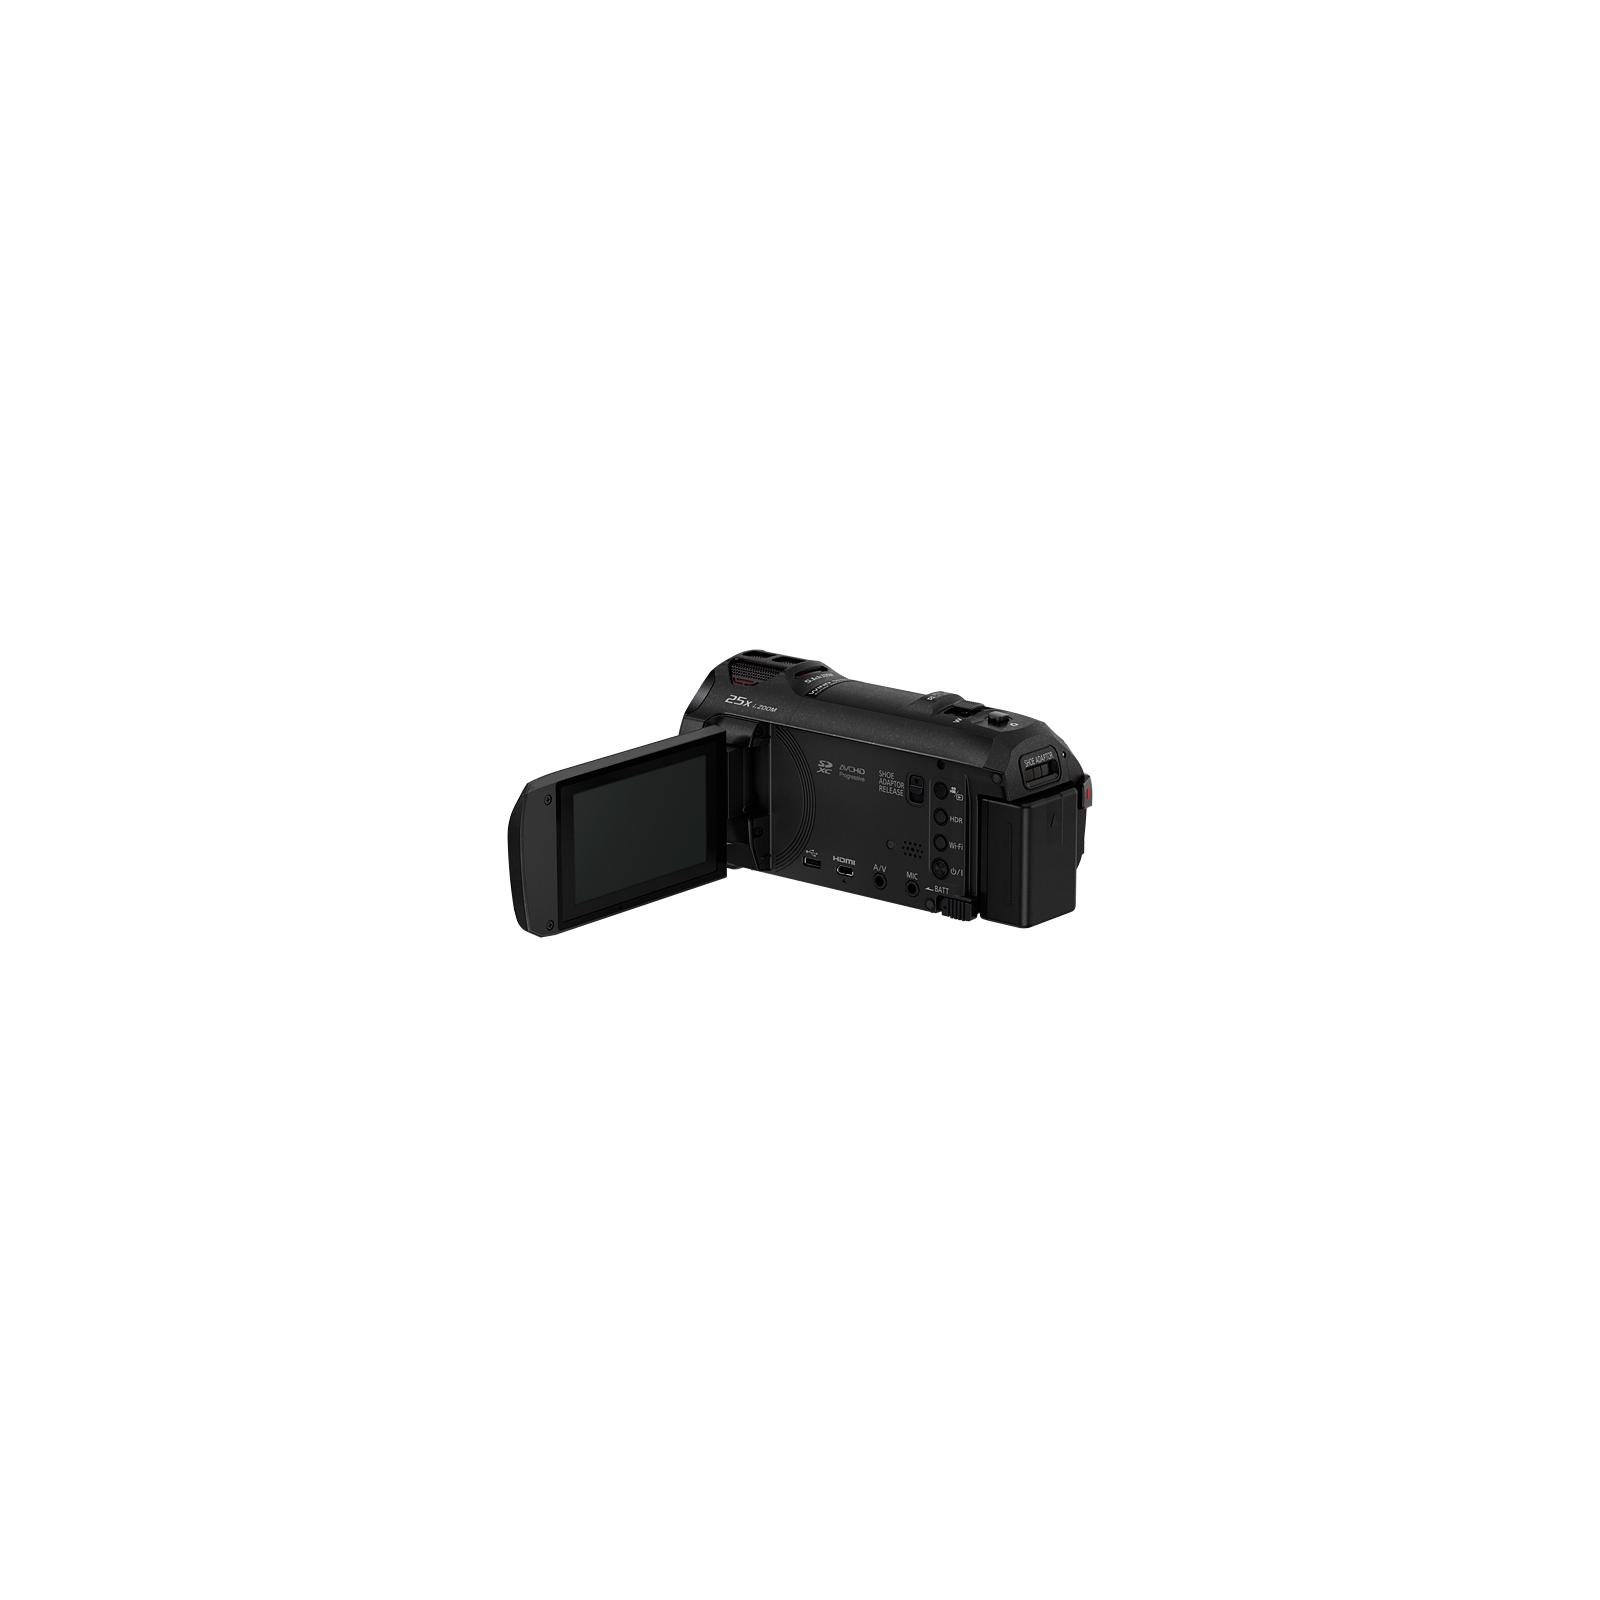 Цифровая видеокамера PANASONIC HC-VX980EE-K изображение 3